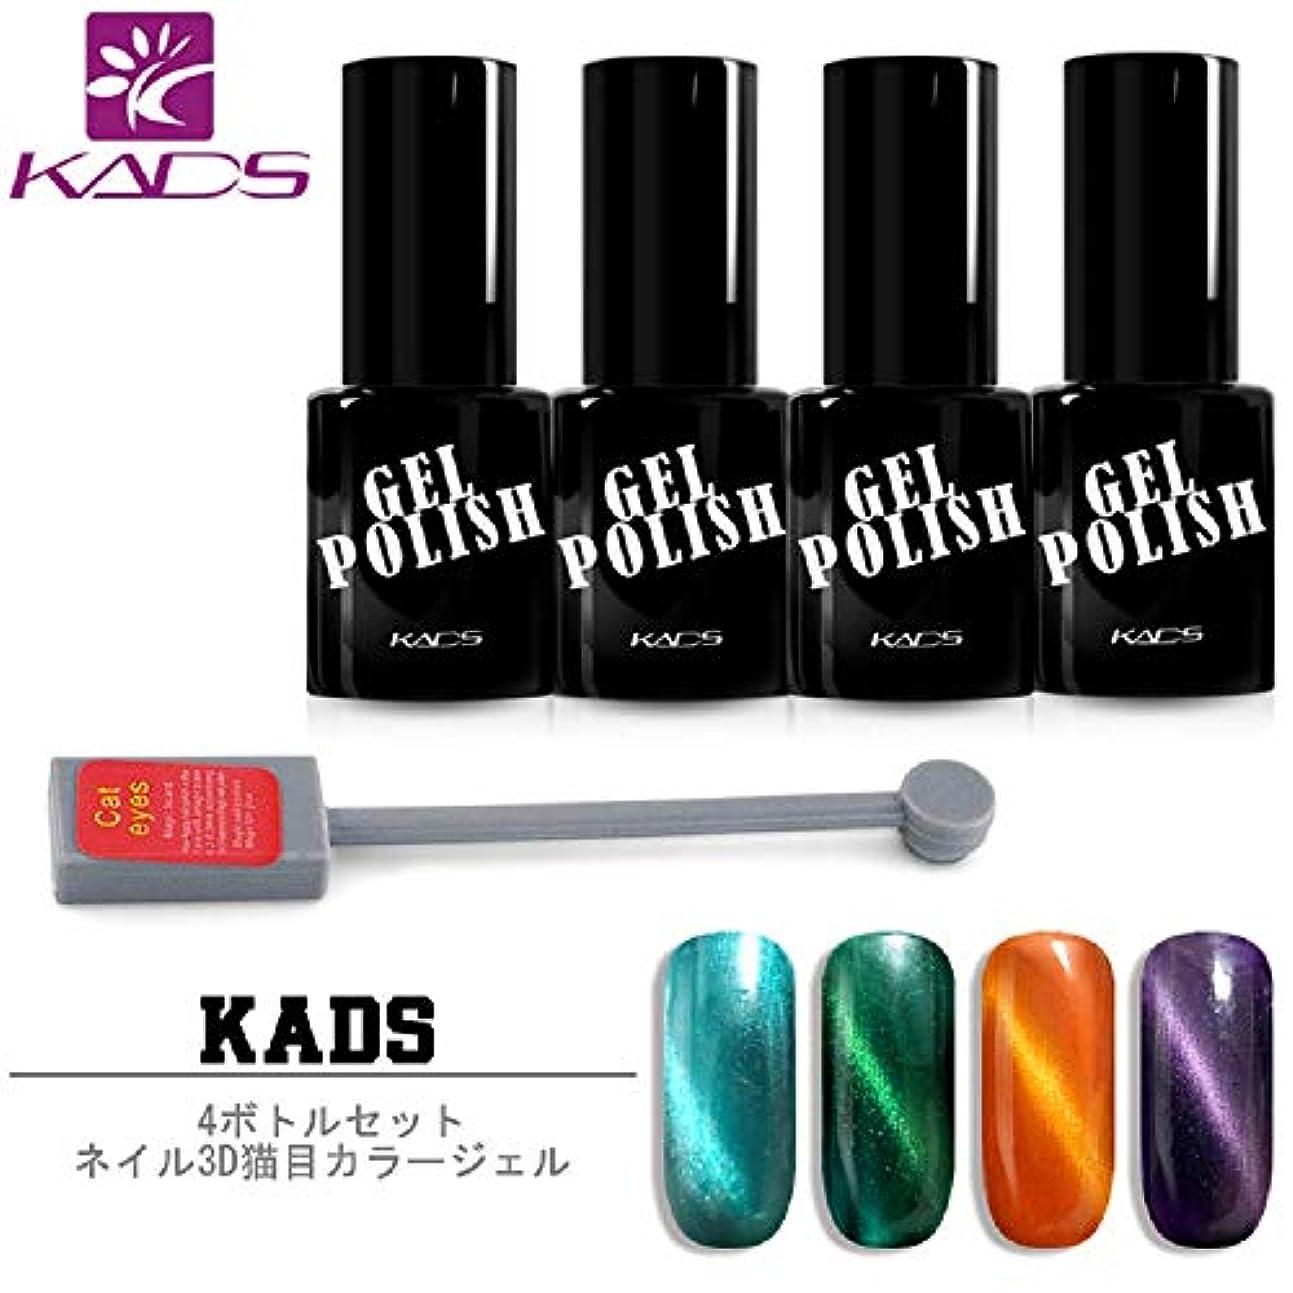 つかいます排出書き込みKADS キャッツアイジェル ジェルネイル カラーポリッシュ 4色セット 猫目 UV/LED対応 マグネット 磁石付き マニキュアセット (セット2)